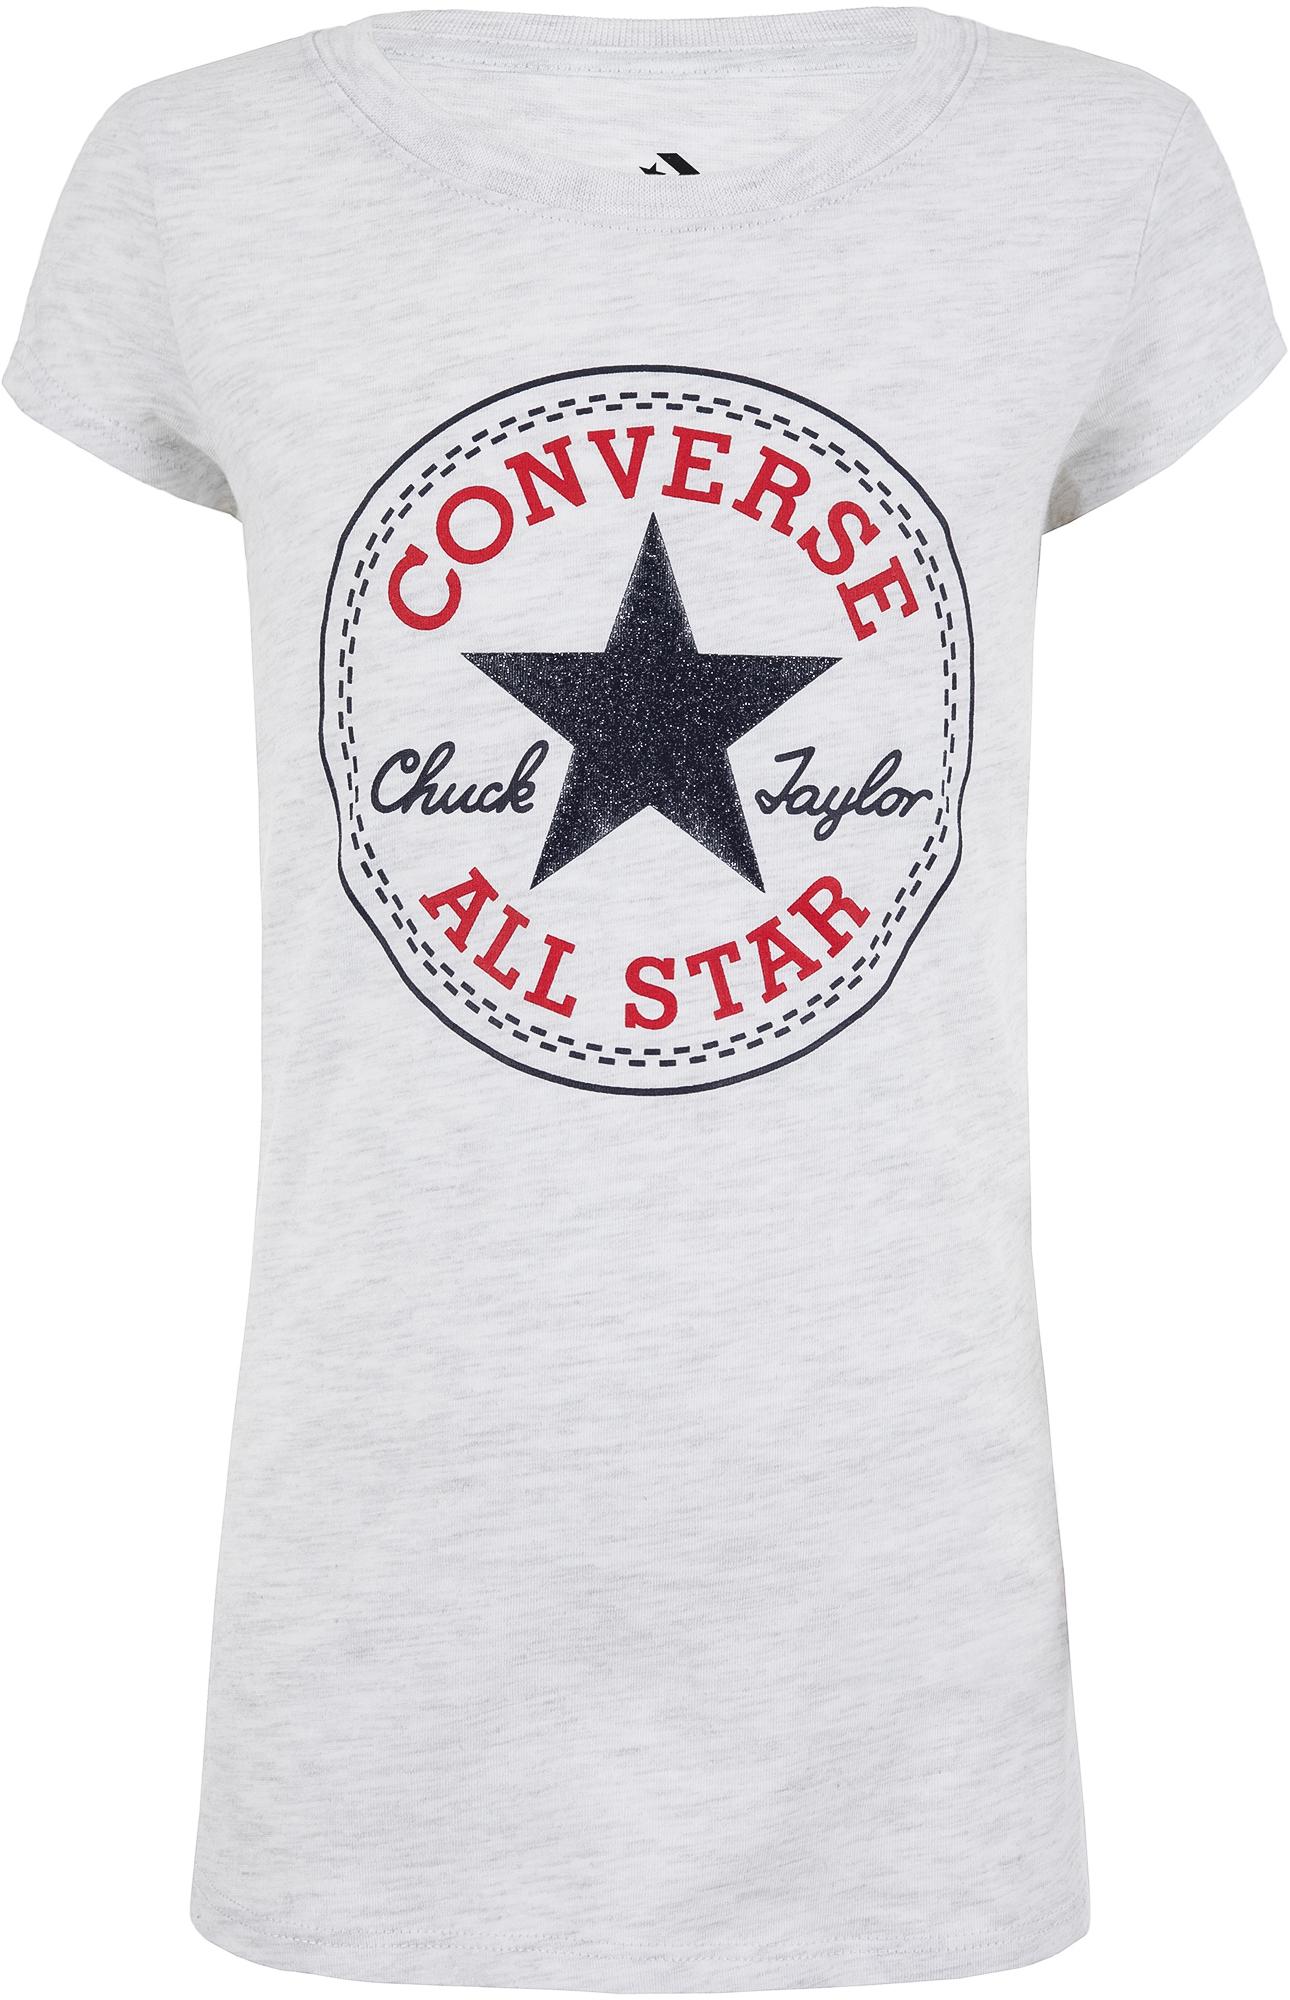 Converse Футболка для девочек Converse Timels Chuck Patch, размер 152